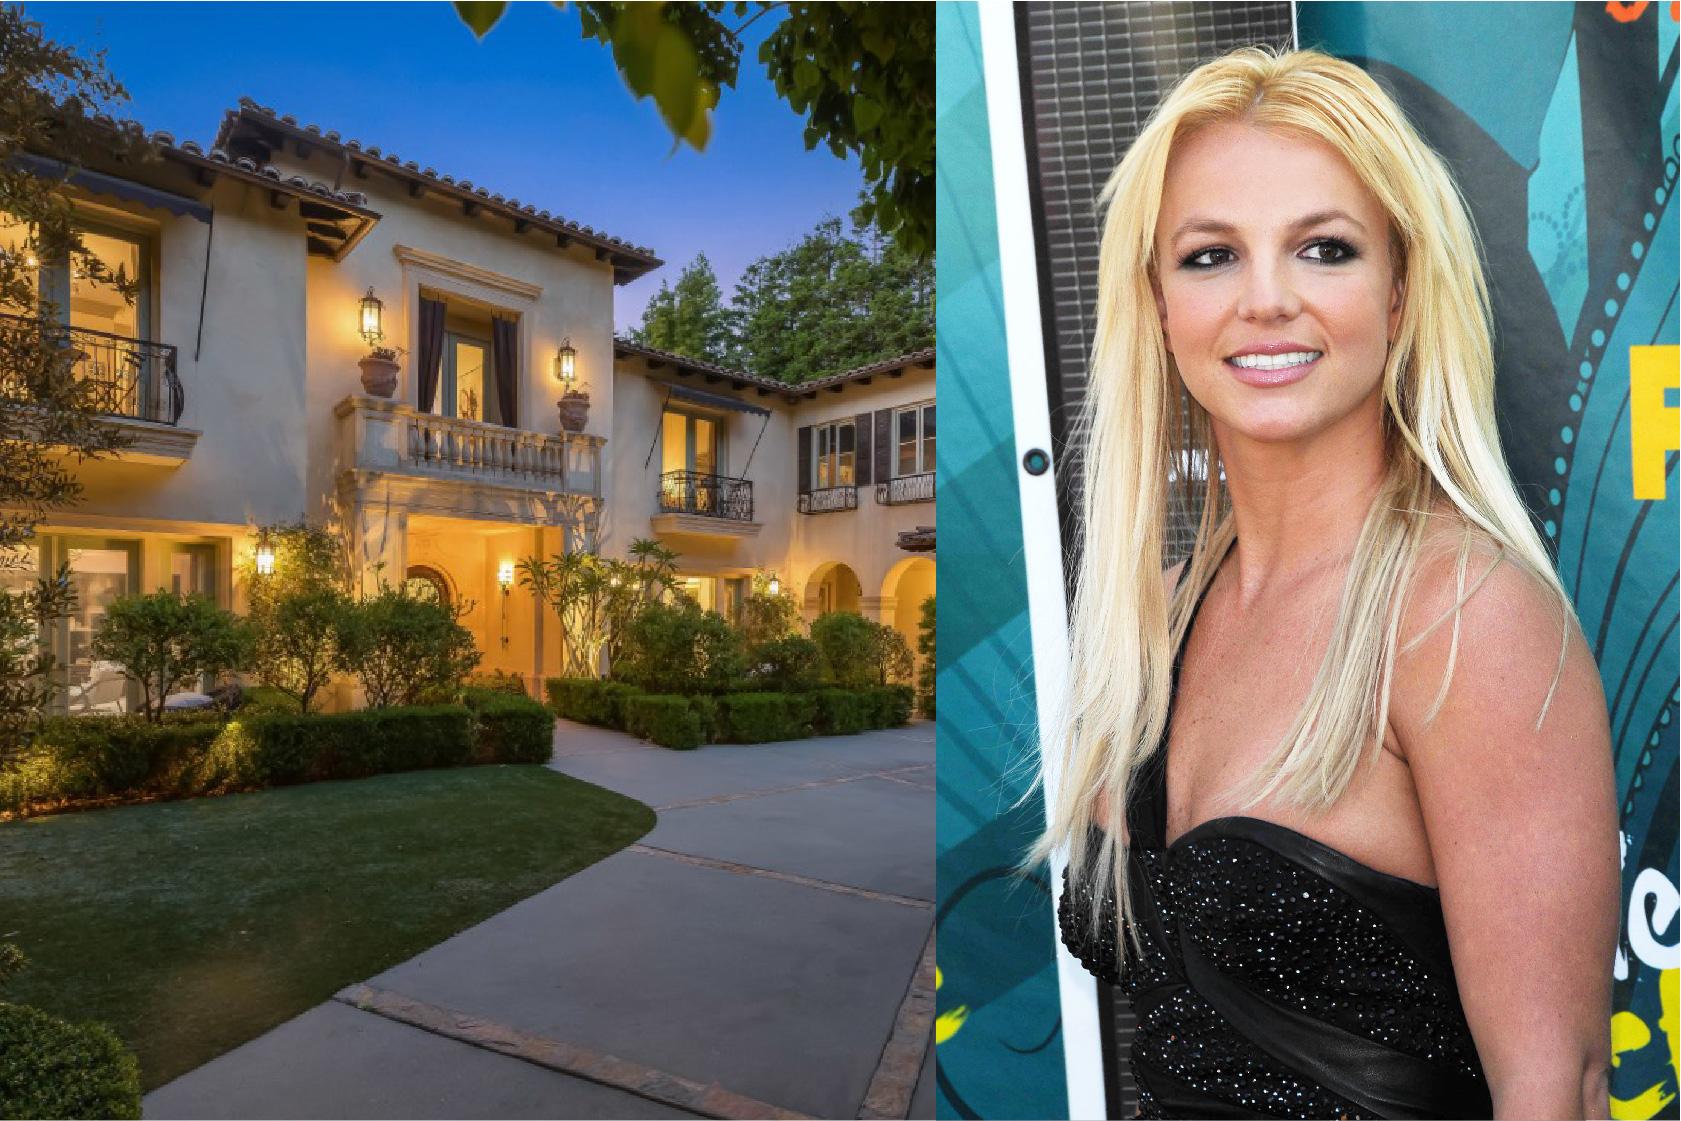 比佛利山莊|流行樂公主布蘭妮的Villa式住宅全揭露